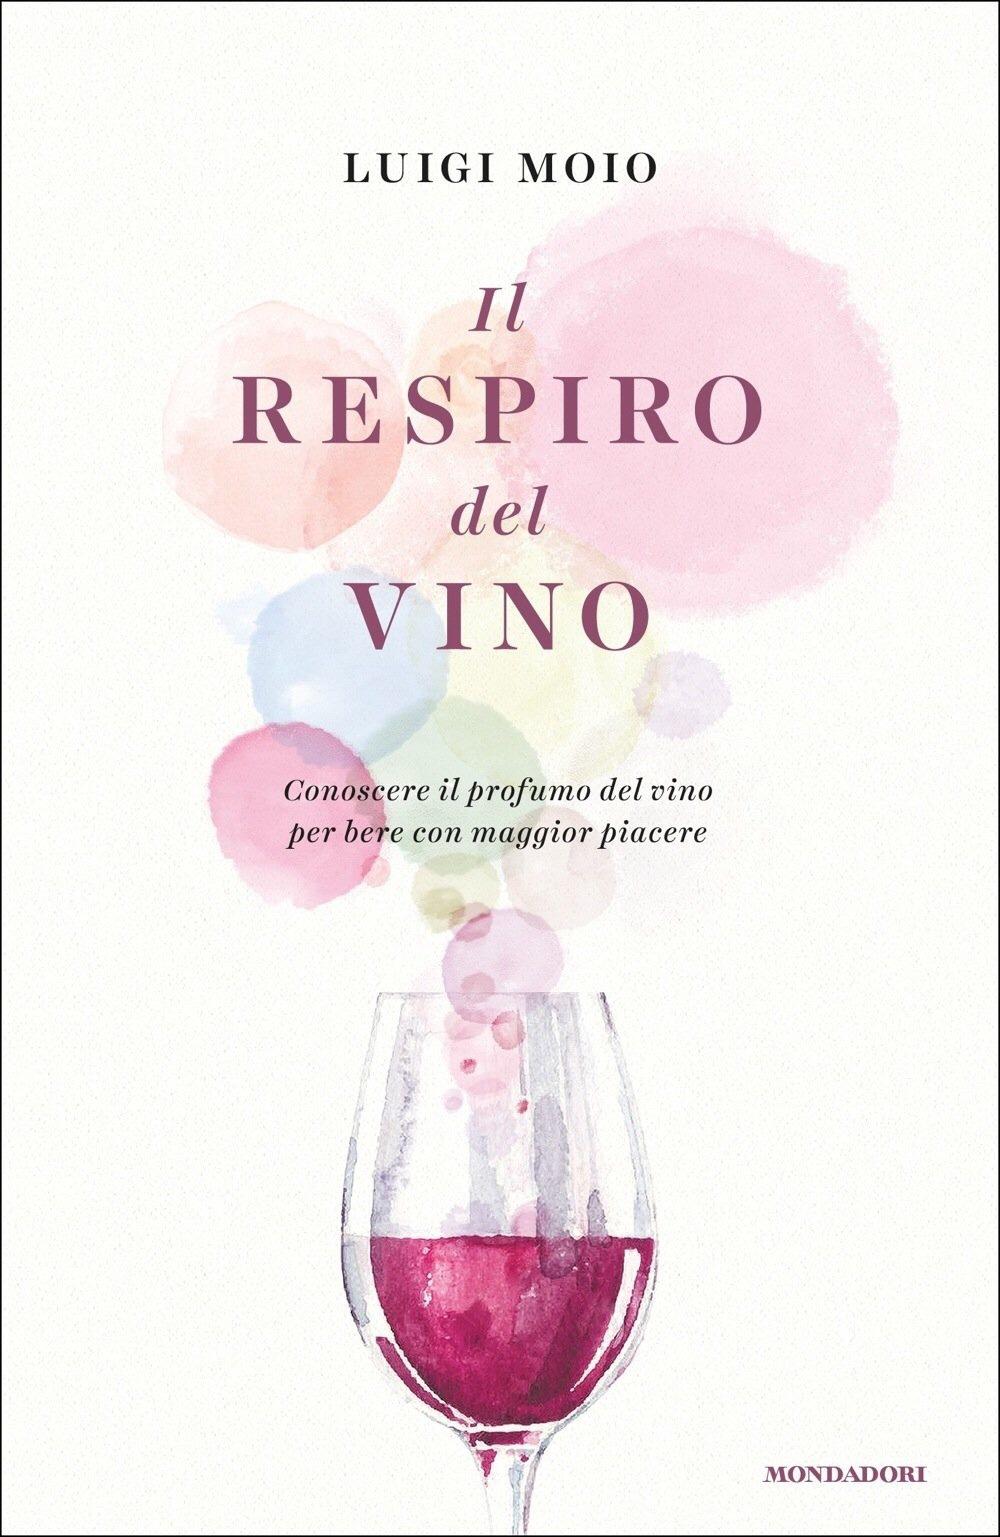 """Luigi Moio's book """"Il Respiro del Vino"""" (The Breath of Wine)"""